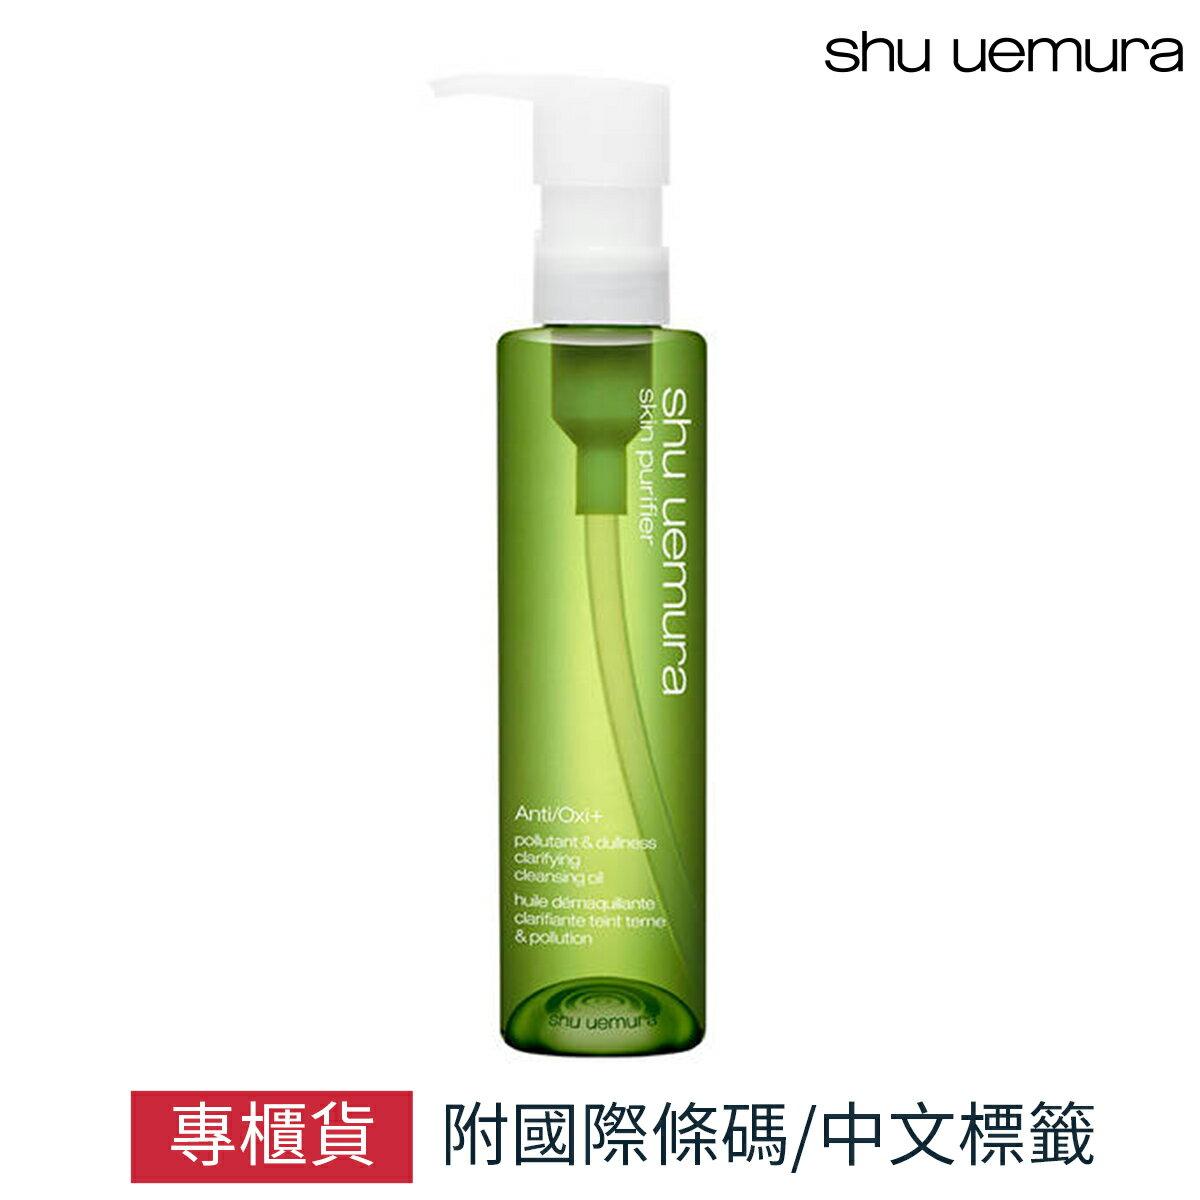 植村秀 Shu Uemura 植物菁萃潔顏油 150ml 公司貨 綠茶油 深層清潔 卸妝洗顏    【SP嚴選家】